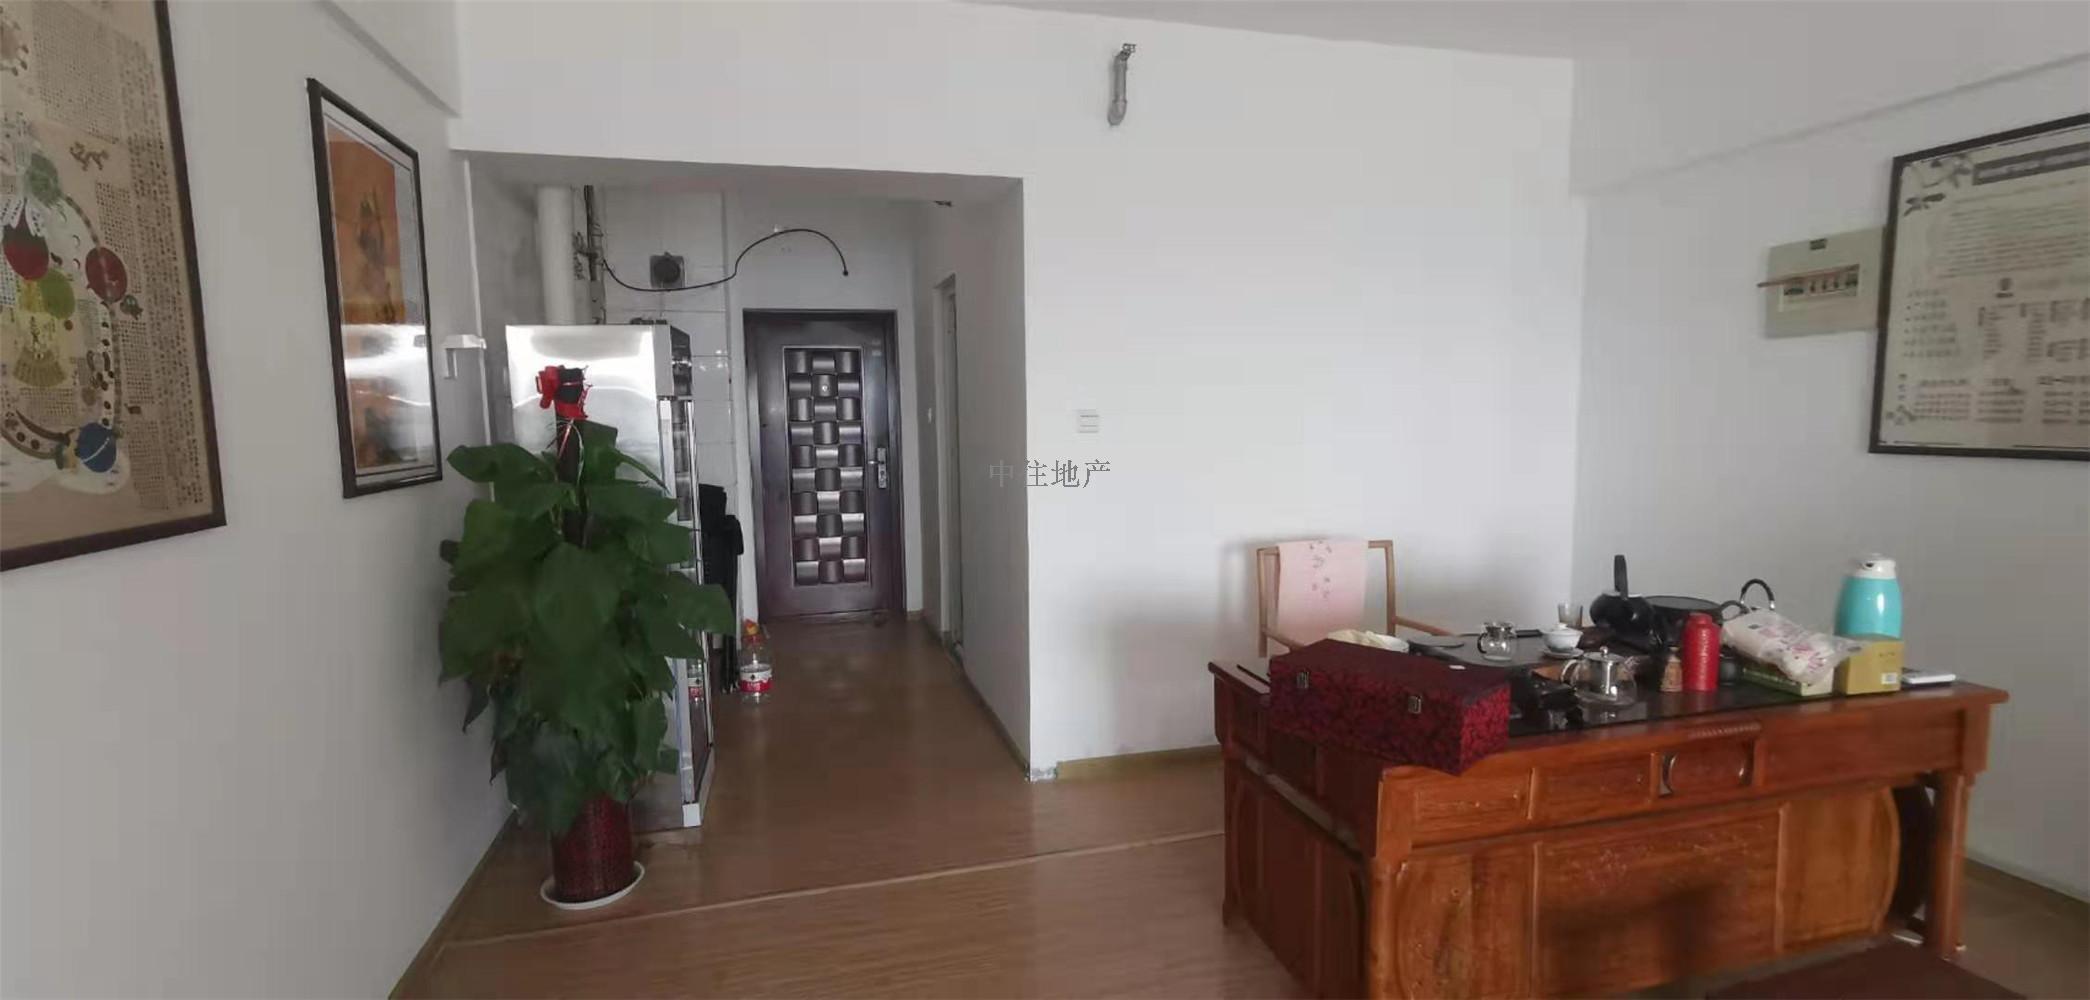 汇展香格里拉,经典一居室,紧邻万达广场,生活便利。